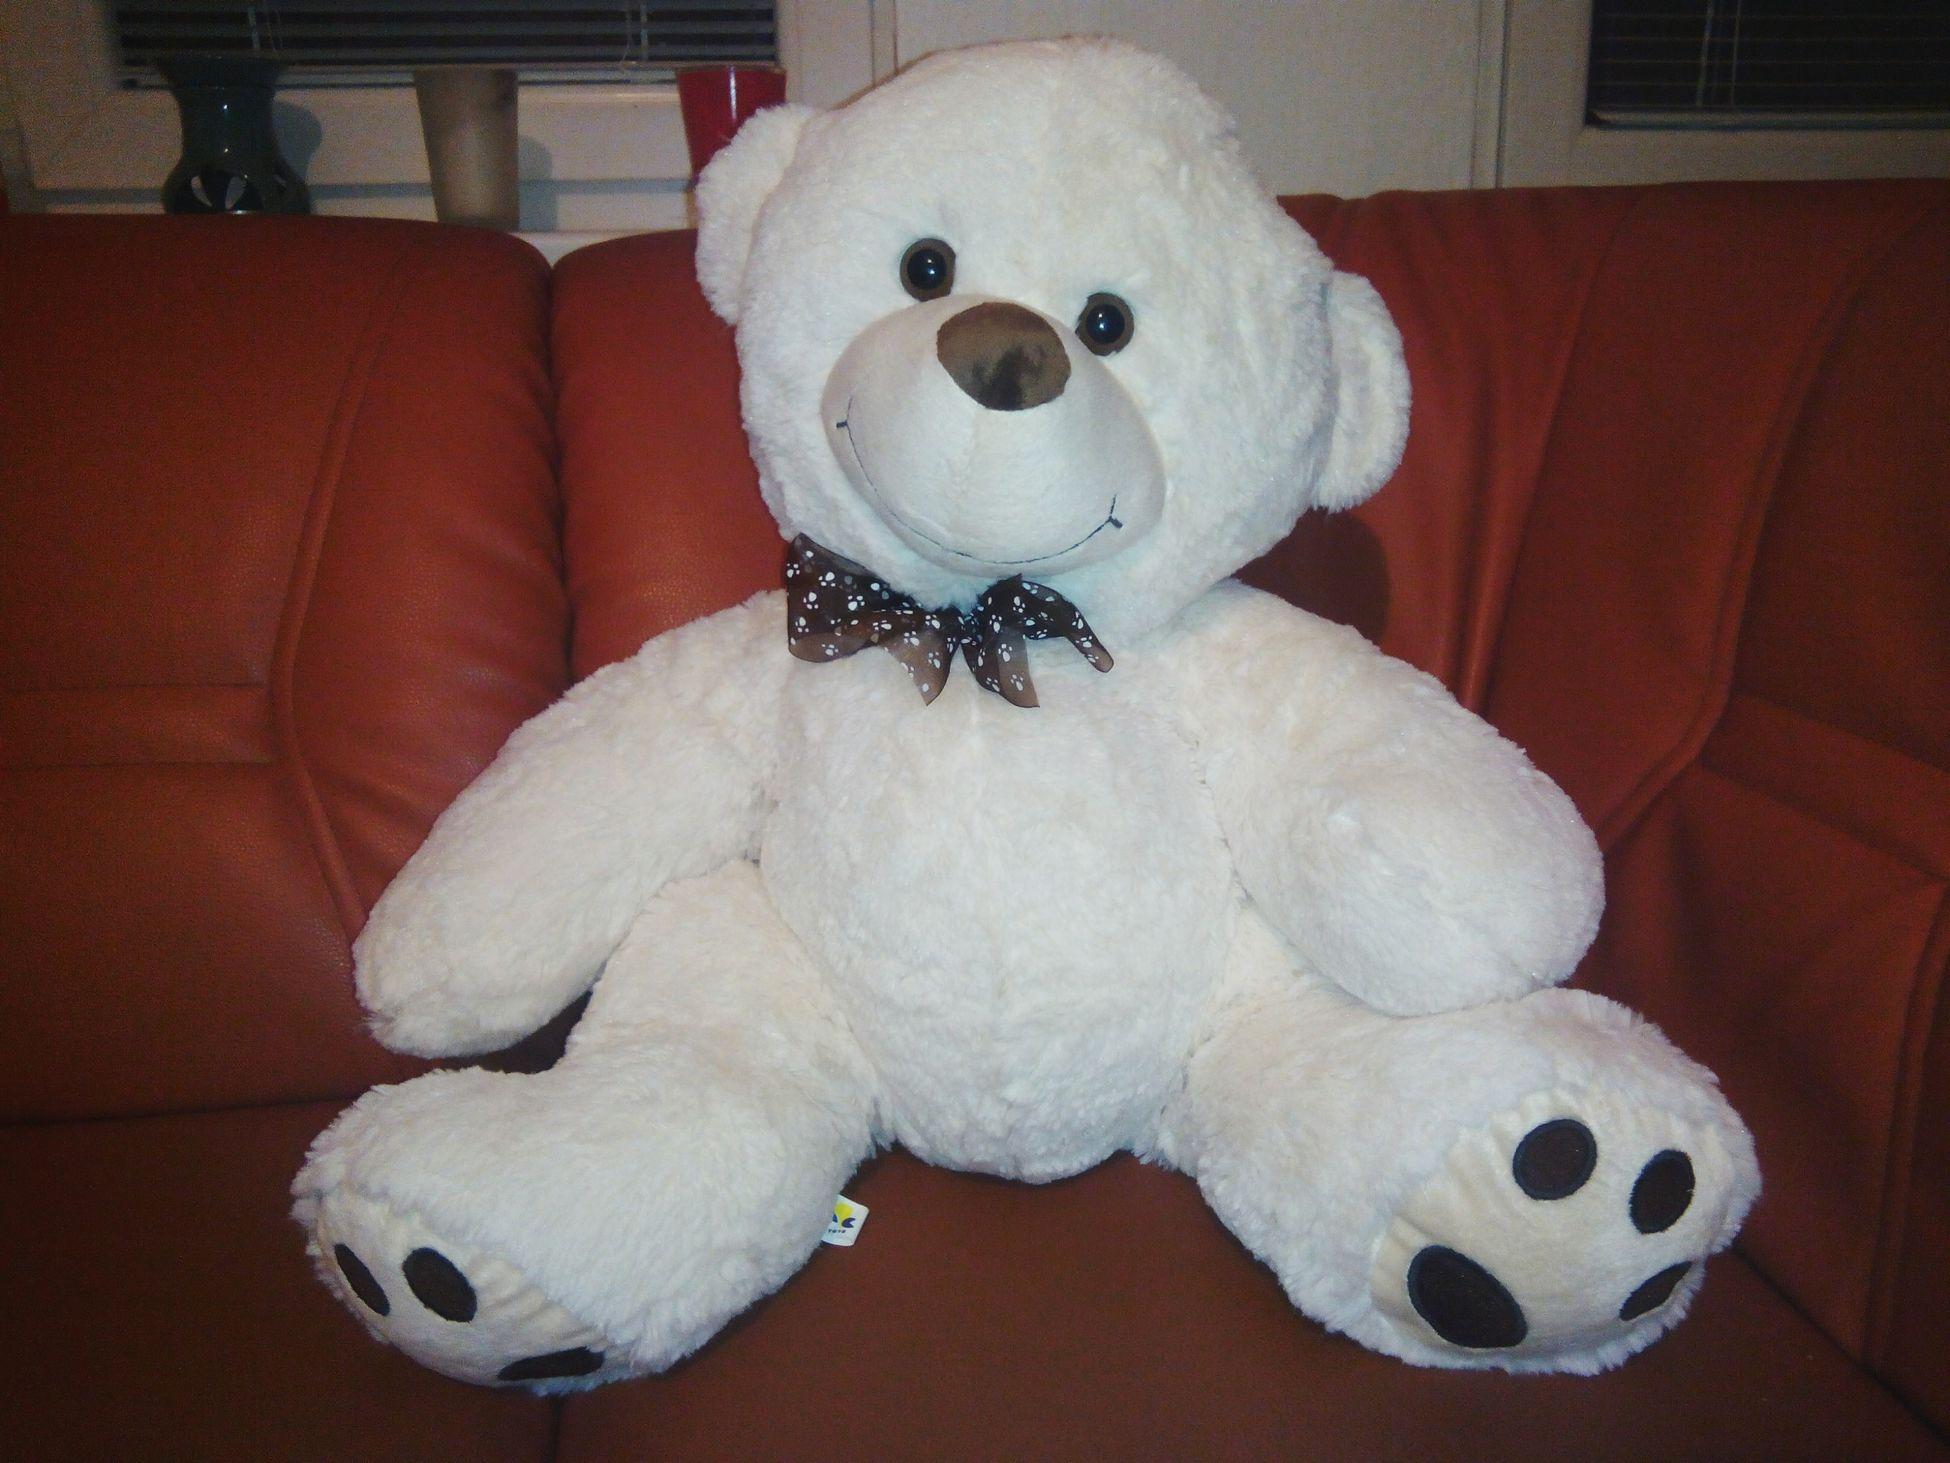 Christmas Present From My Boyfriend ♥ Thank You ♡♡♡ Teddybear White Cute♡